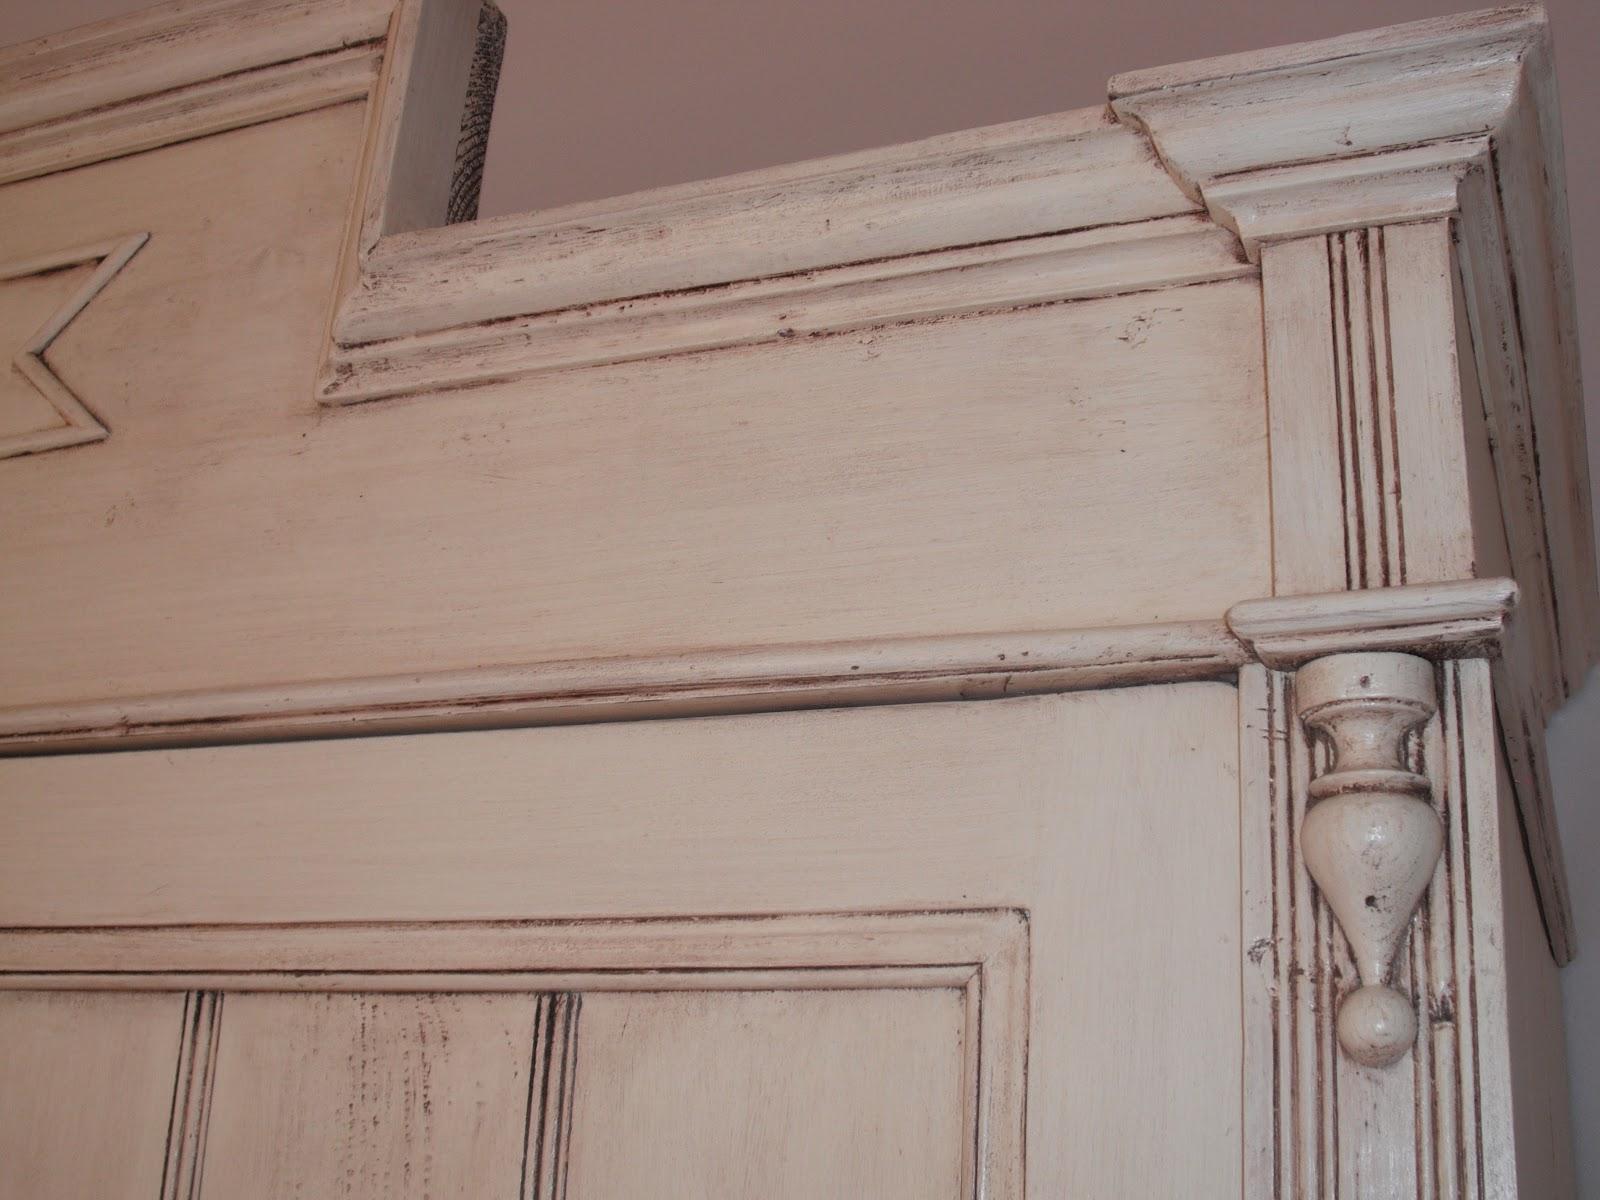 Iromani restauro armadio abete laccato color panna con effetto invecchiato - Mobili effetto invecchiato ...